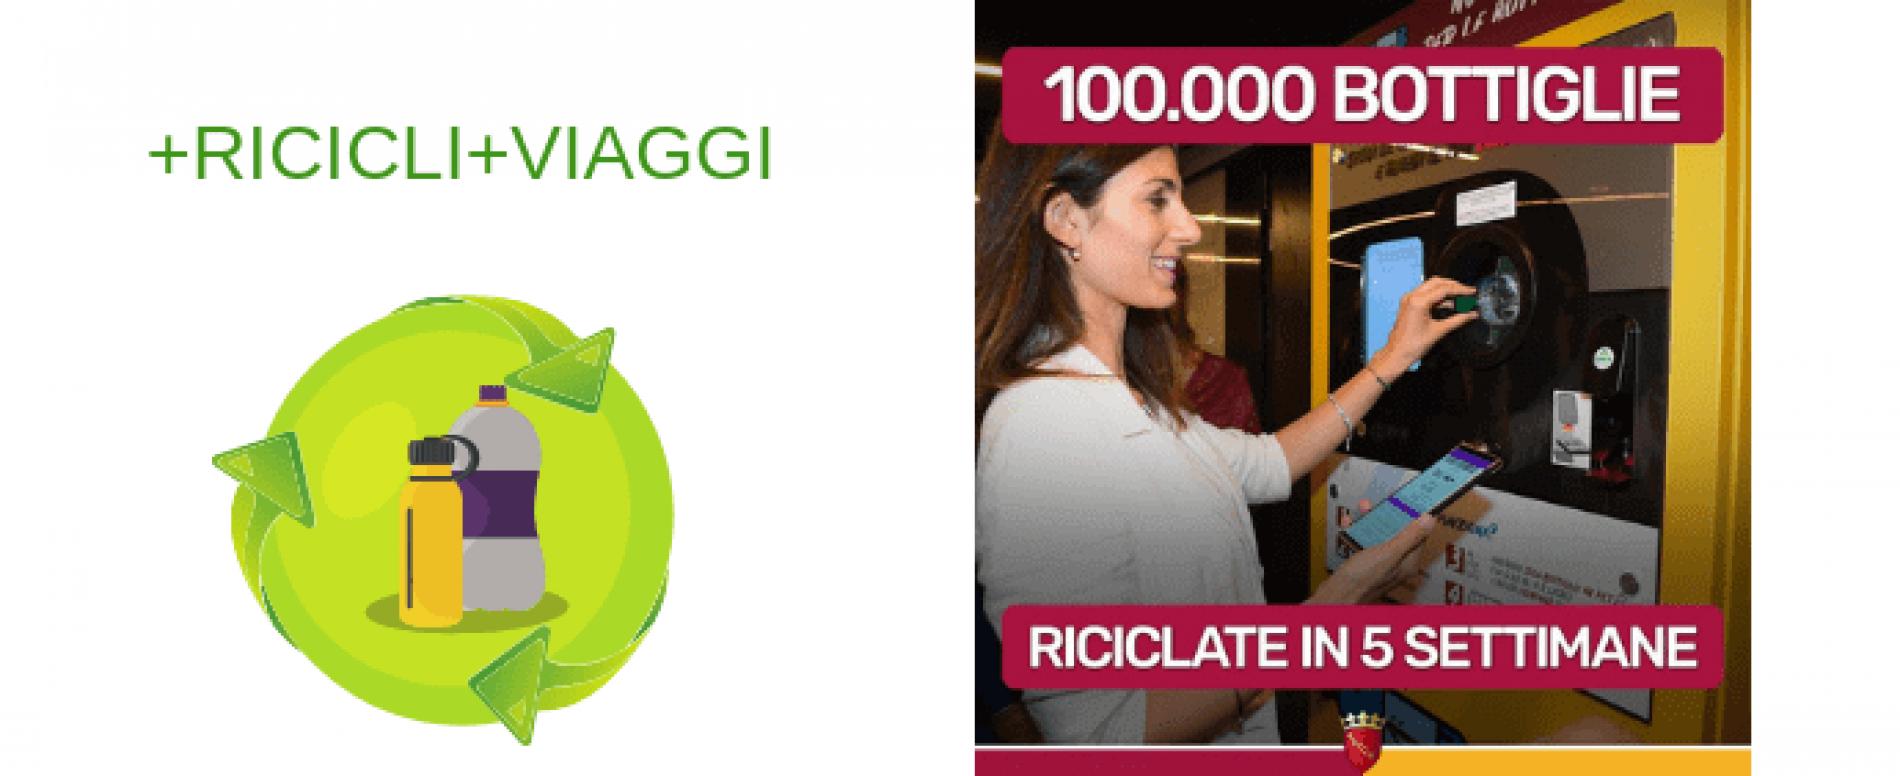 Successo per l'iniziativa +Ricicli+Viaggi del Comune di Roma